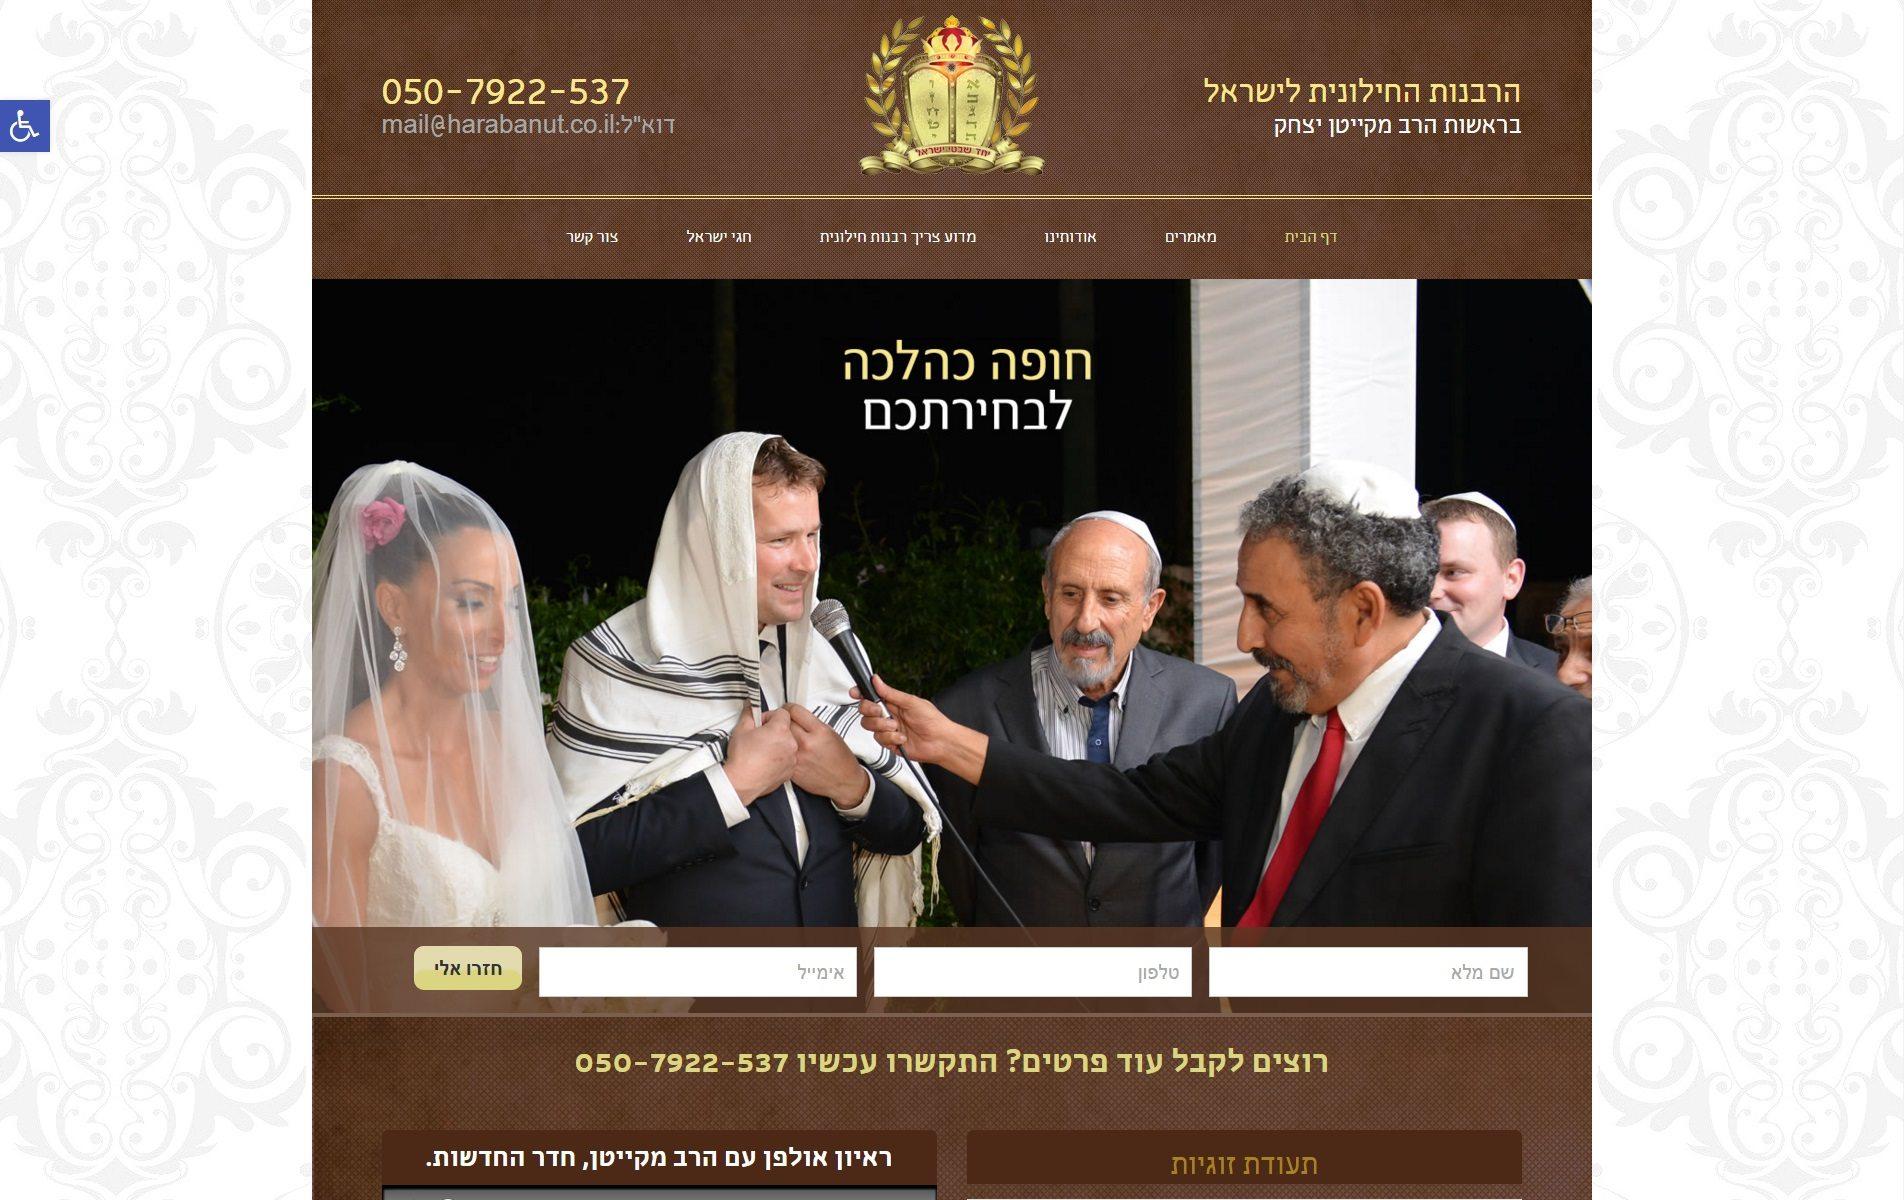 אתר הרבנות החילונית לישראל